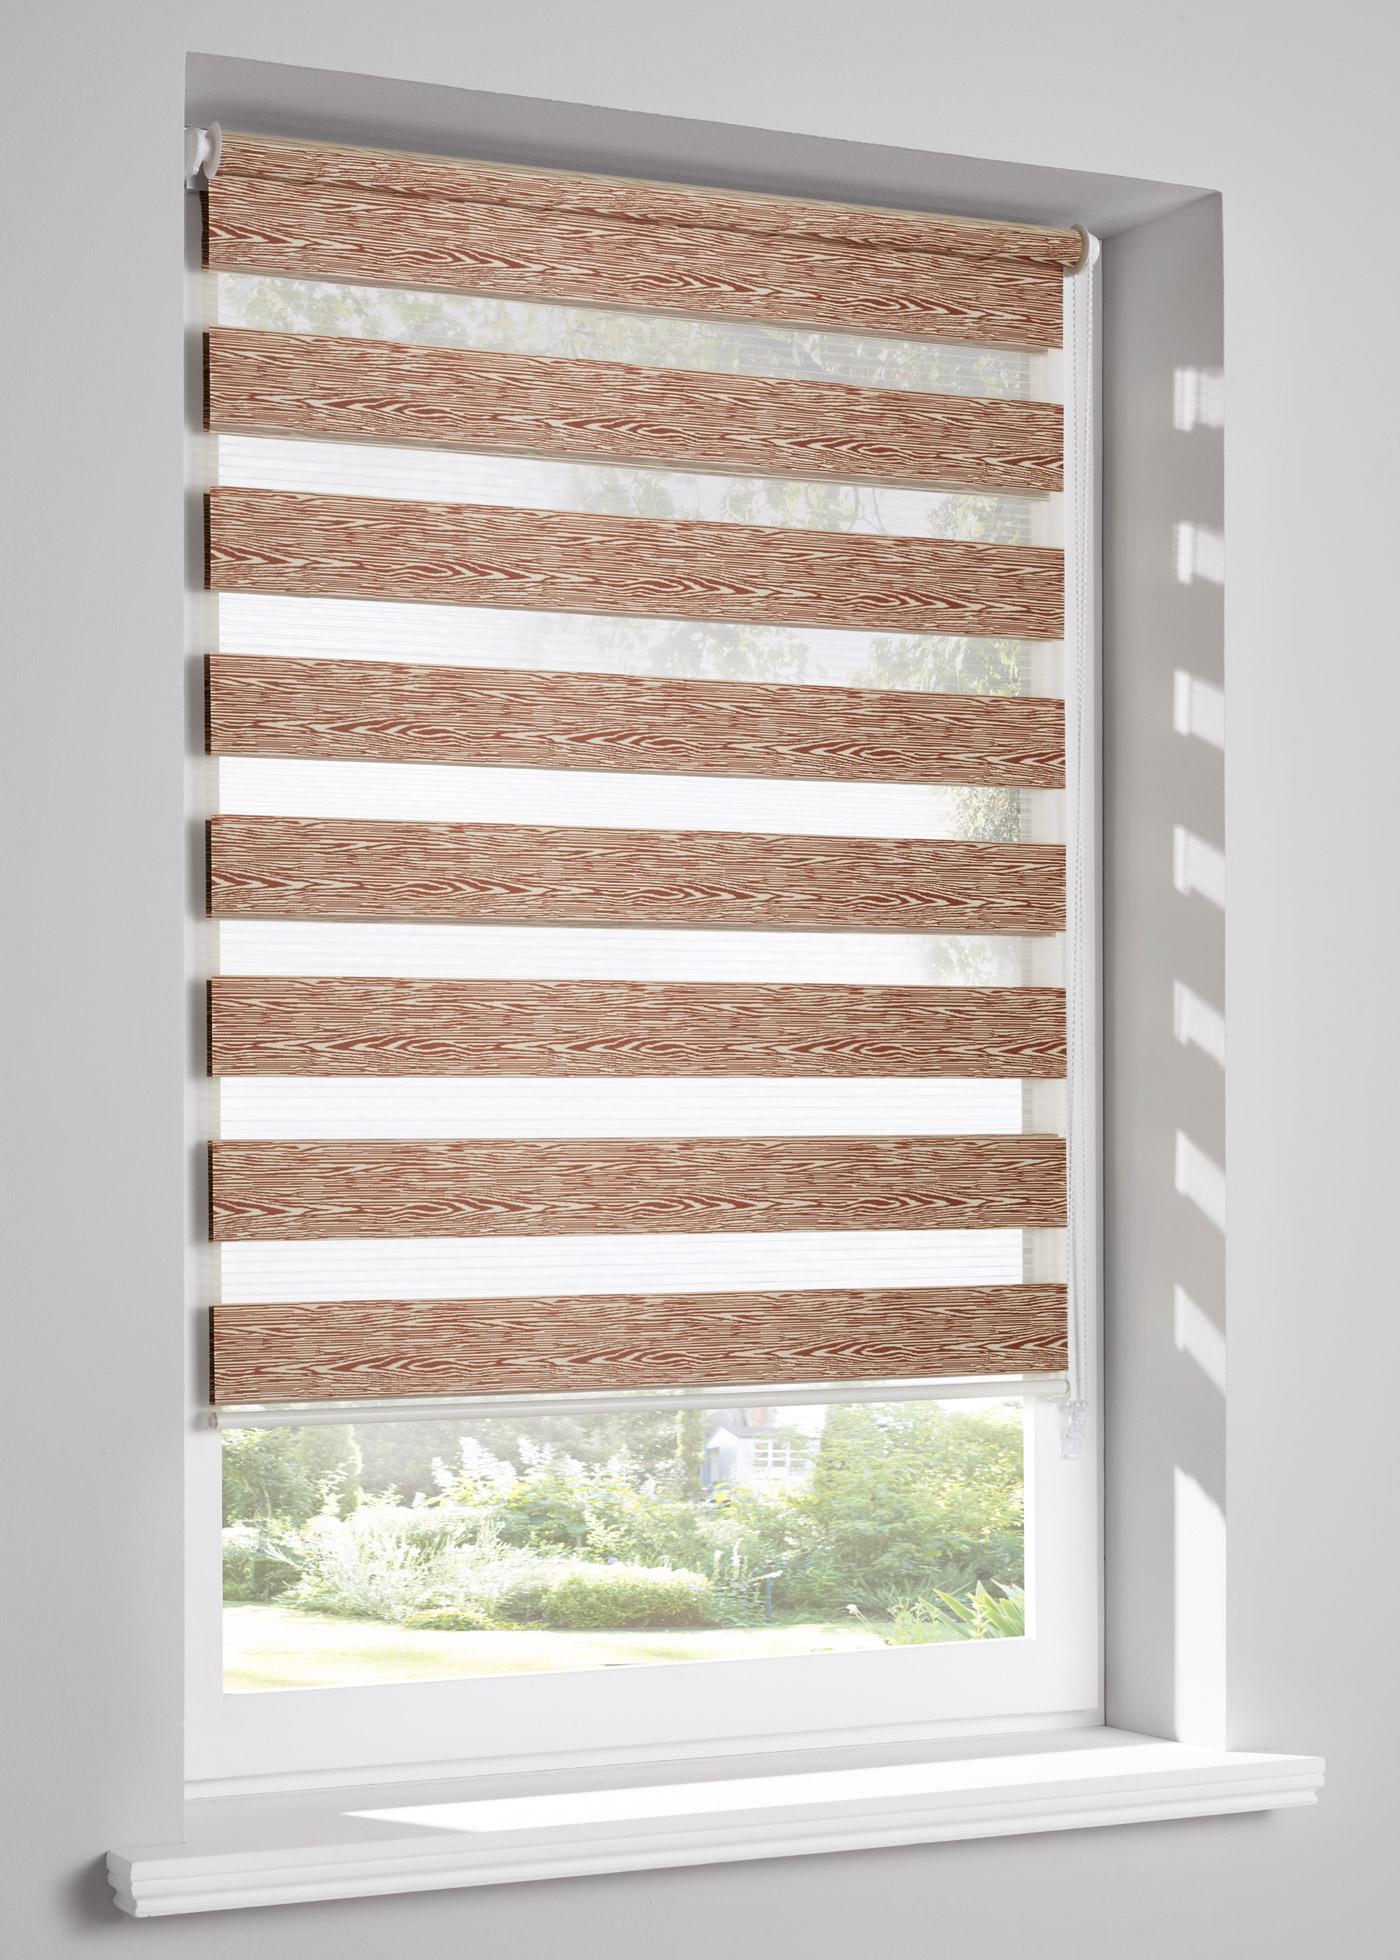 """Store double effet bois, pose facile avec supports de fixation à clipser directement sur le cadre de la fenêtre (épaisseur de châssis jusqu""""à 1,6cm), sans perçage, cordon sur la droite, deux bandes de tissu se superposent ou juxtaposent pour obtenir"""